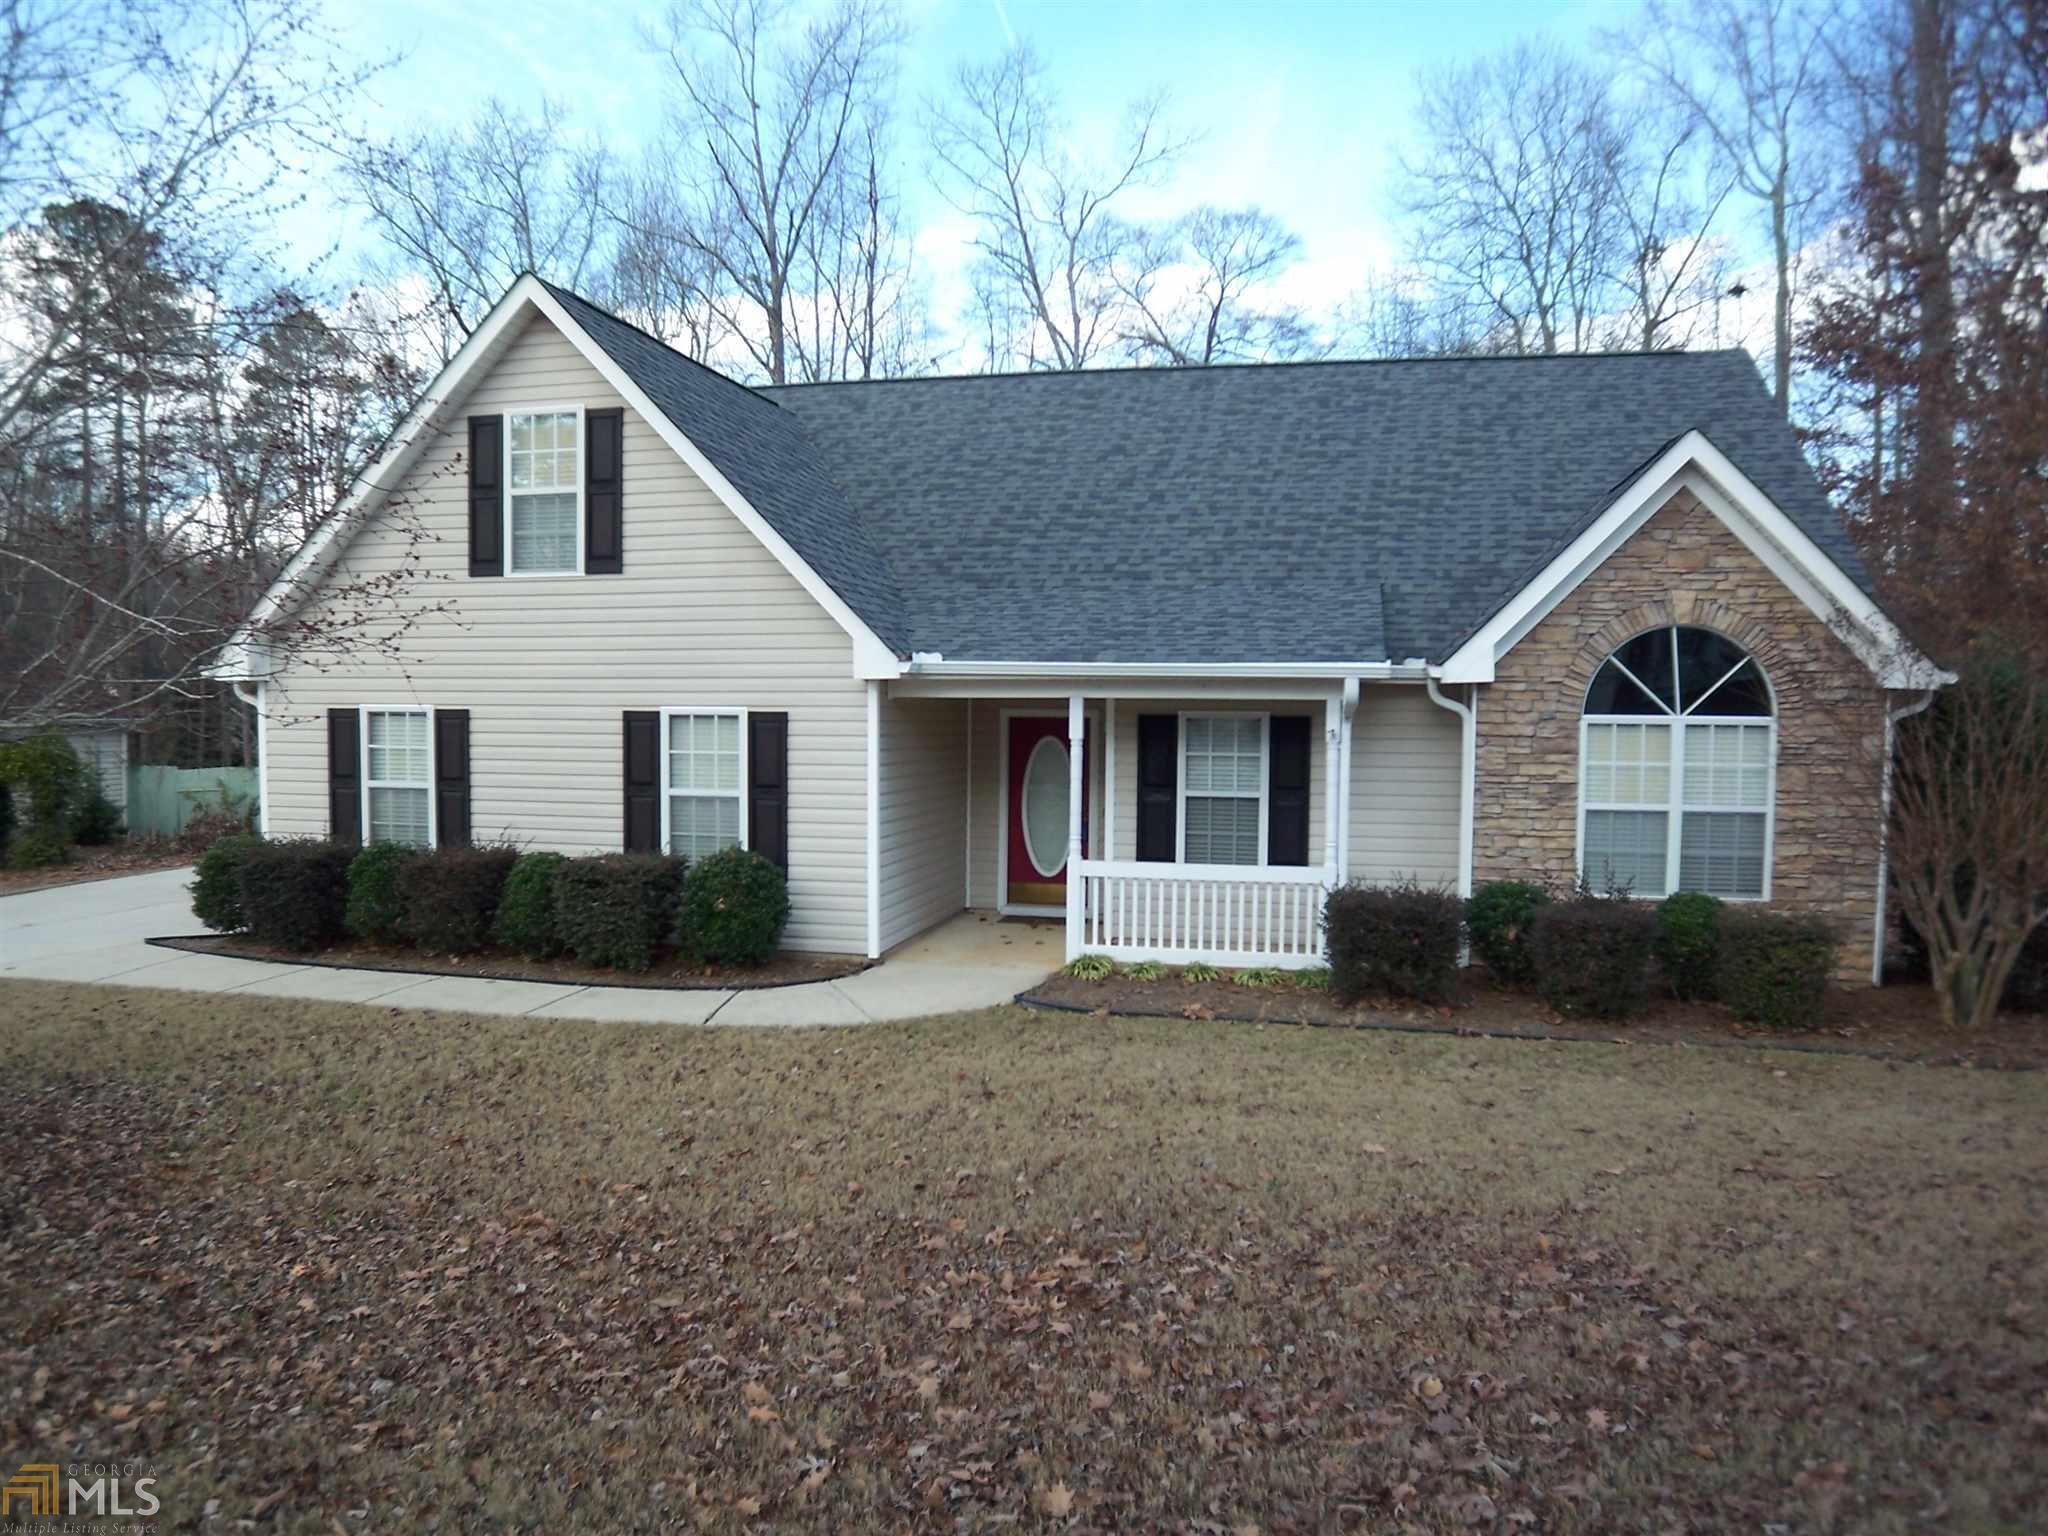 249 Pebble Creek Drive, Mcdonough, GA 30253